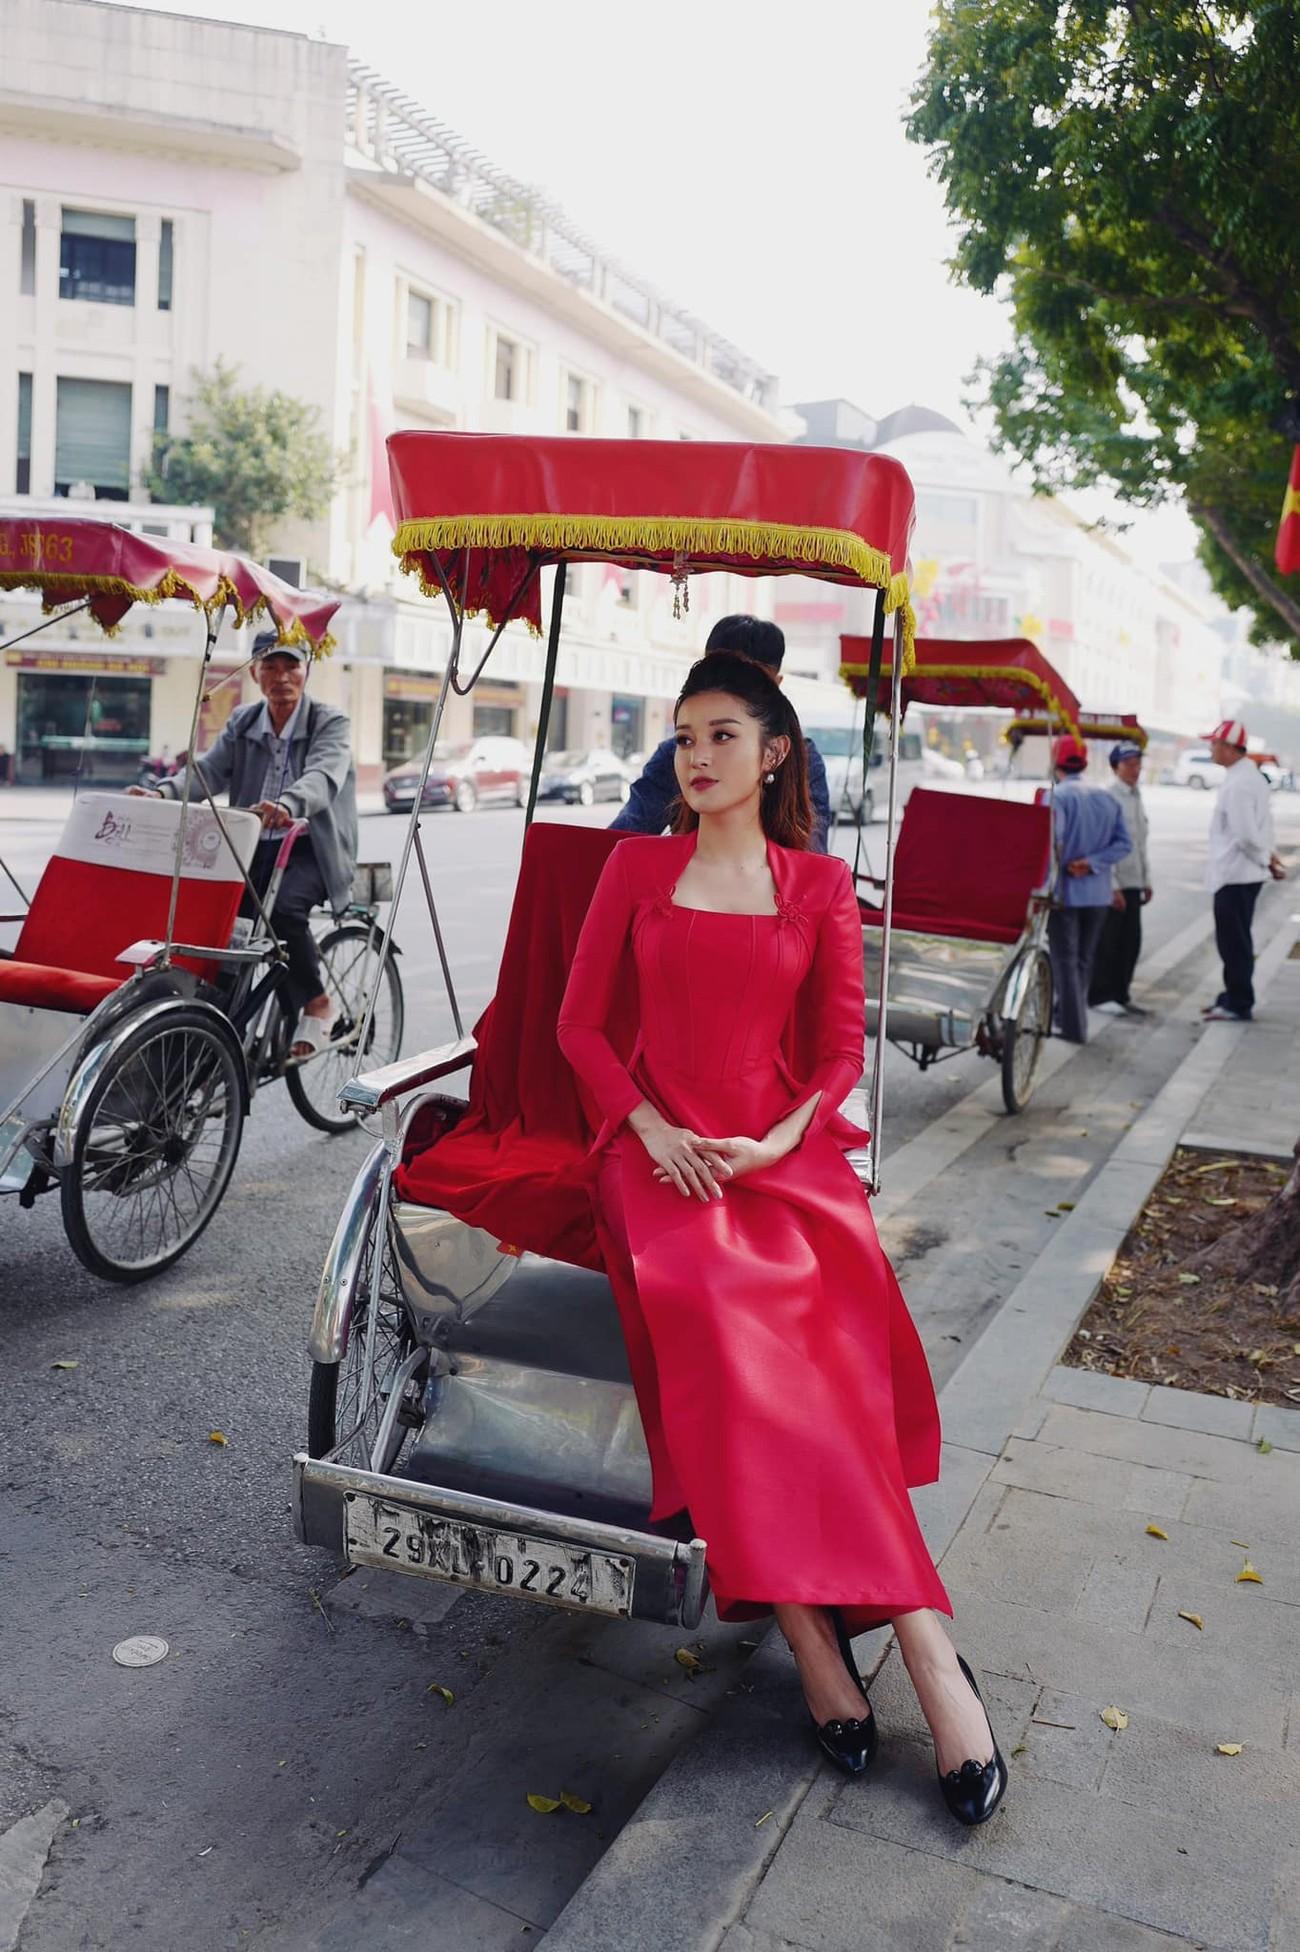 Hoa hậu Đỗ Thị Hà xinh đẹp nền nã với áo dài, H'Hen Niê hoá búp bê barbie nóng bỏng ảnh 12